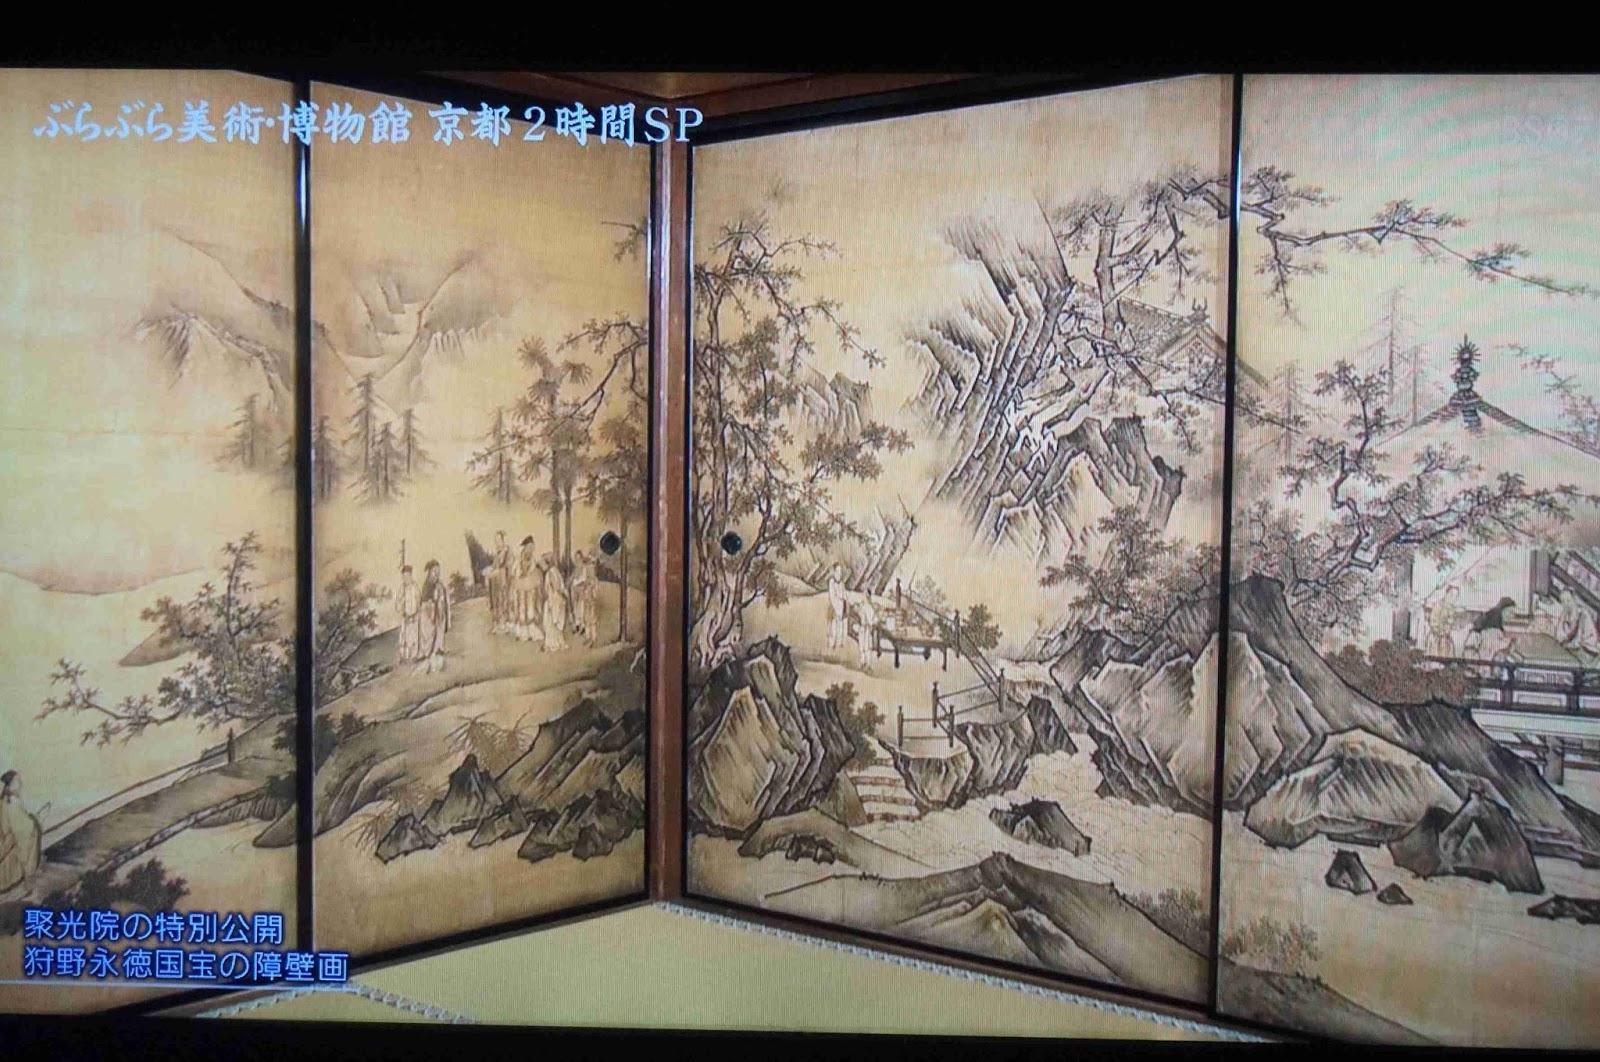 狩野松栄の画像 p1_34